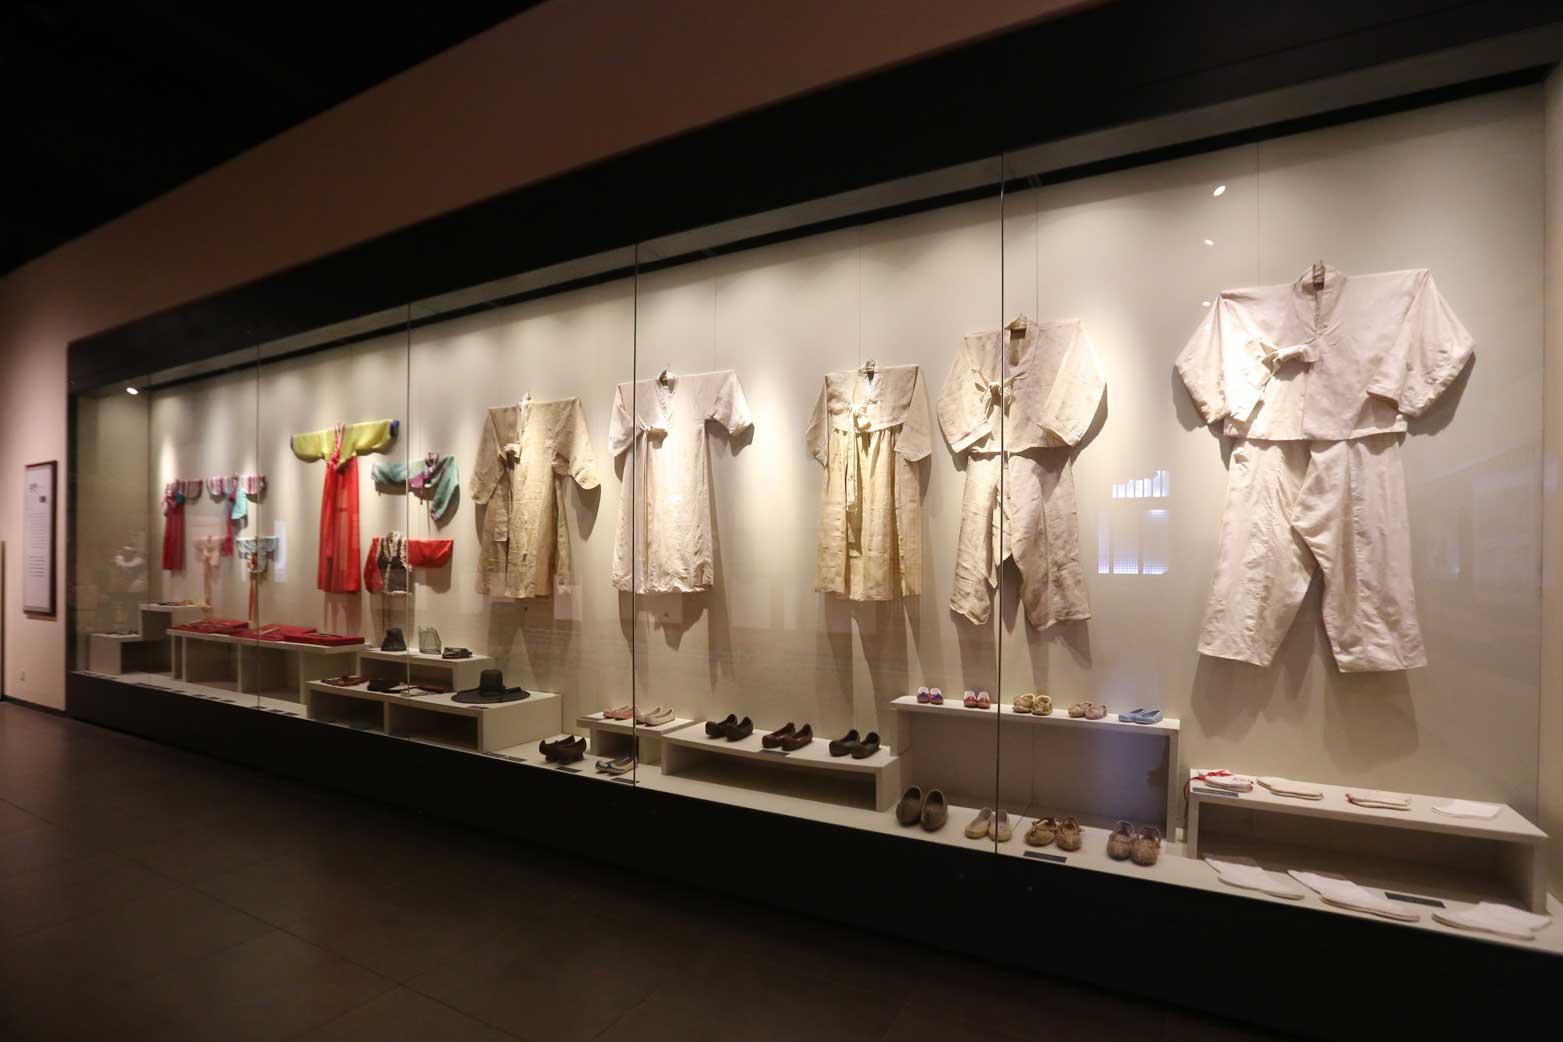 延辺朝鮮族自治州60周年にできた延辺博物館と朝鮮族の冷めた関係_b0235153_1123913.jpg